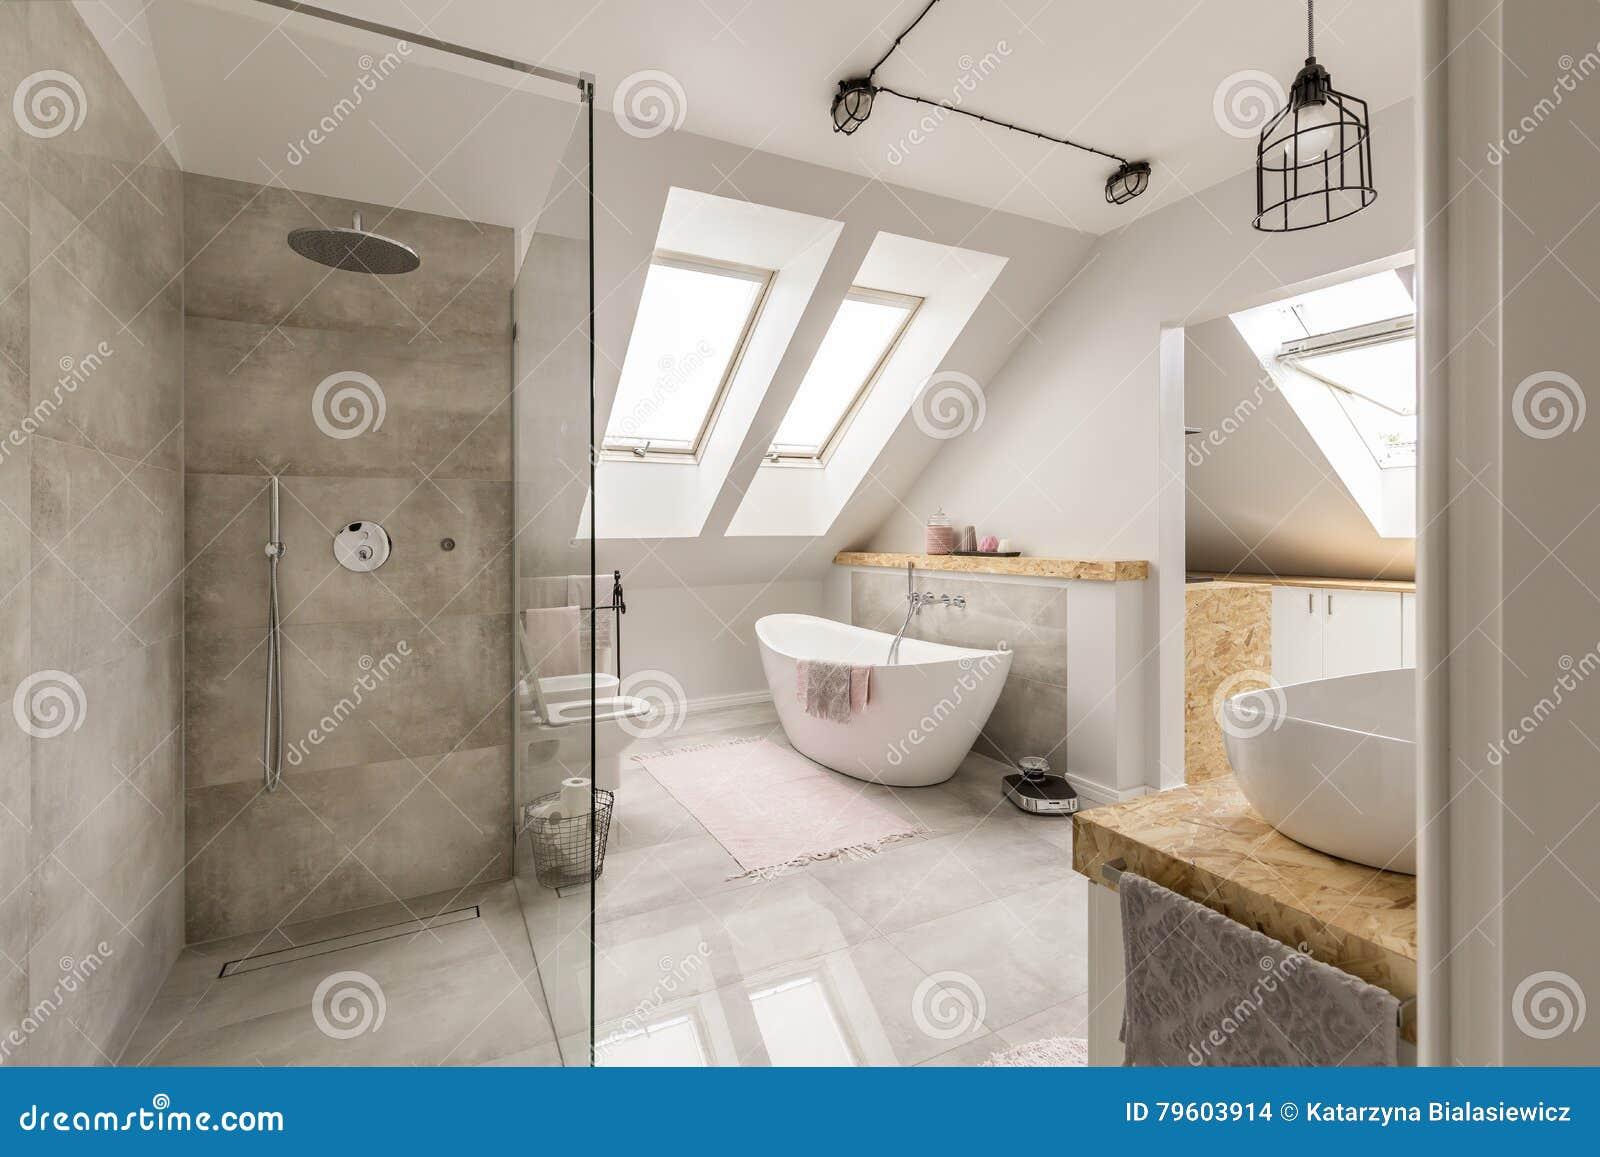 Interno Moderno Del Bagno Con La Doccia Minimalistic Fotografia Stock - Immagine di ...